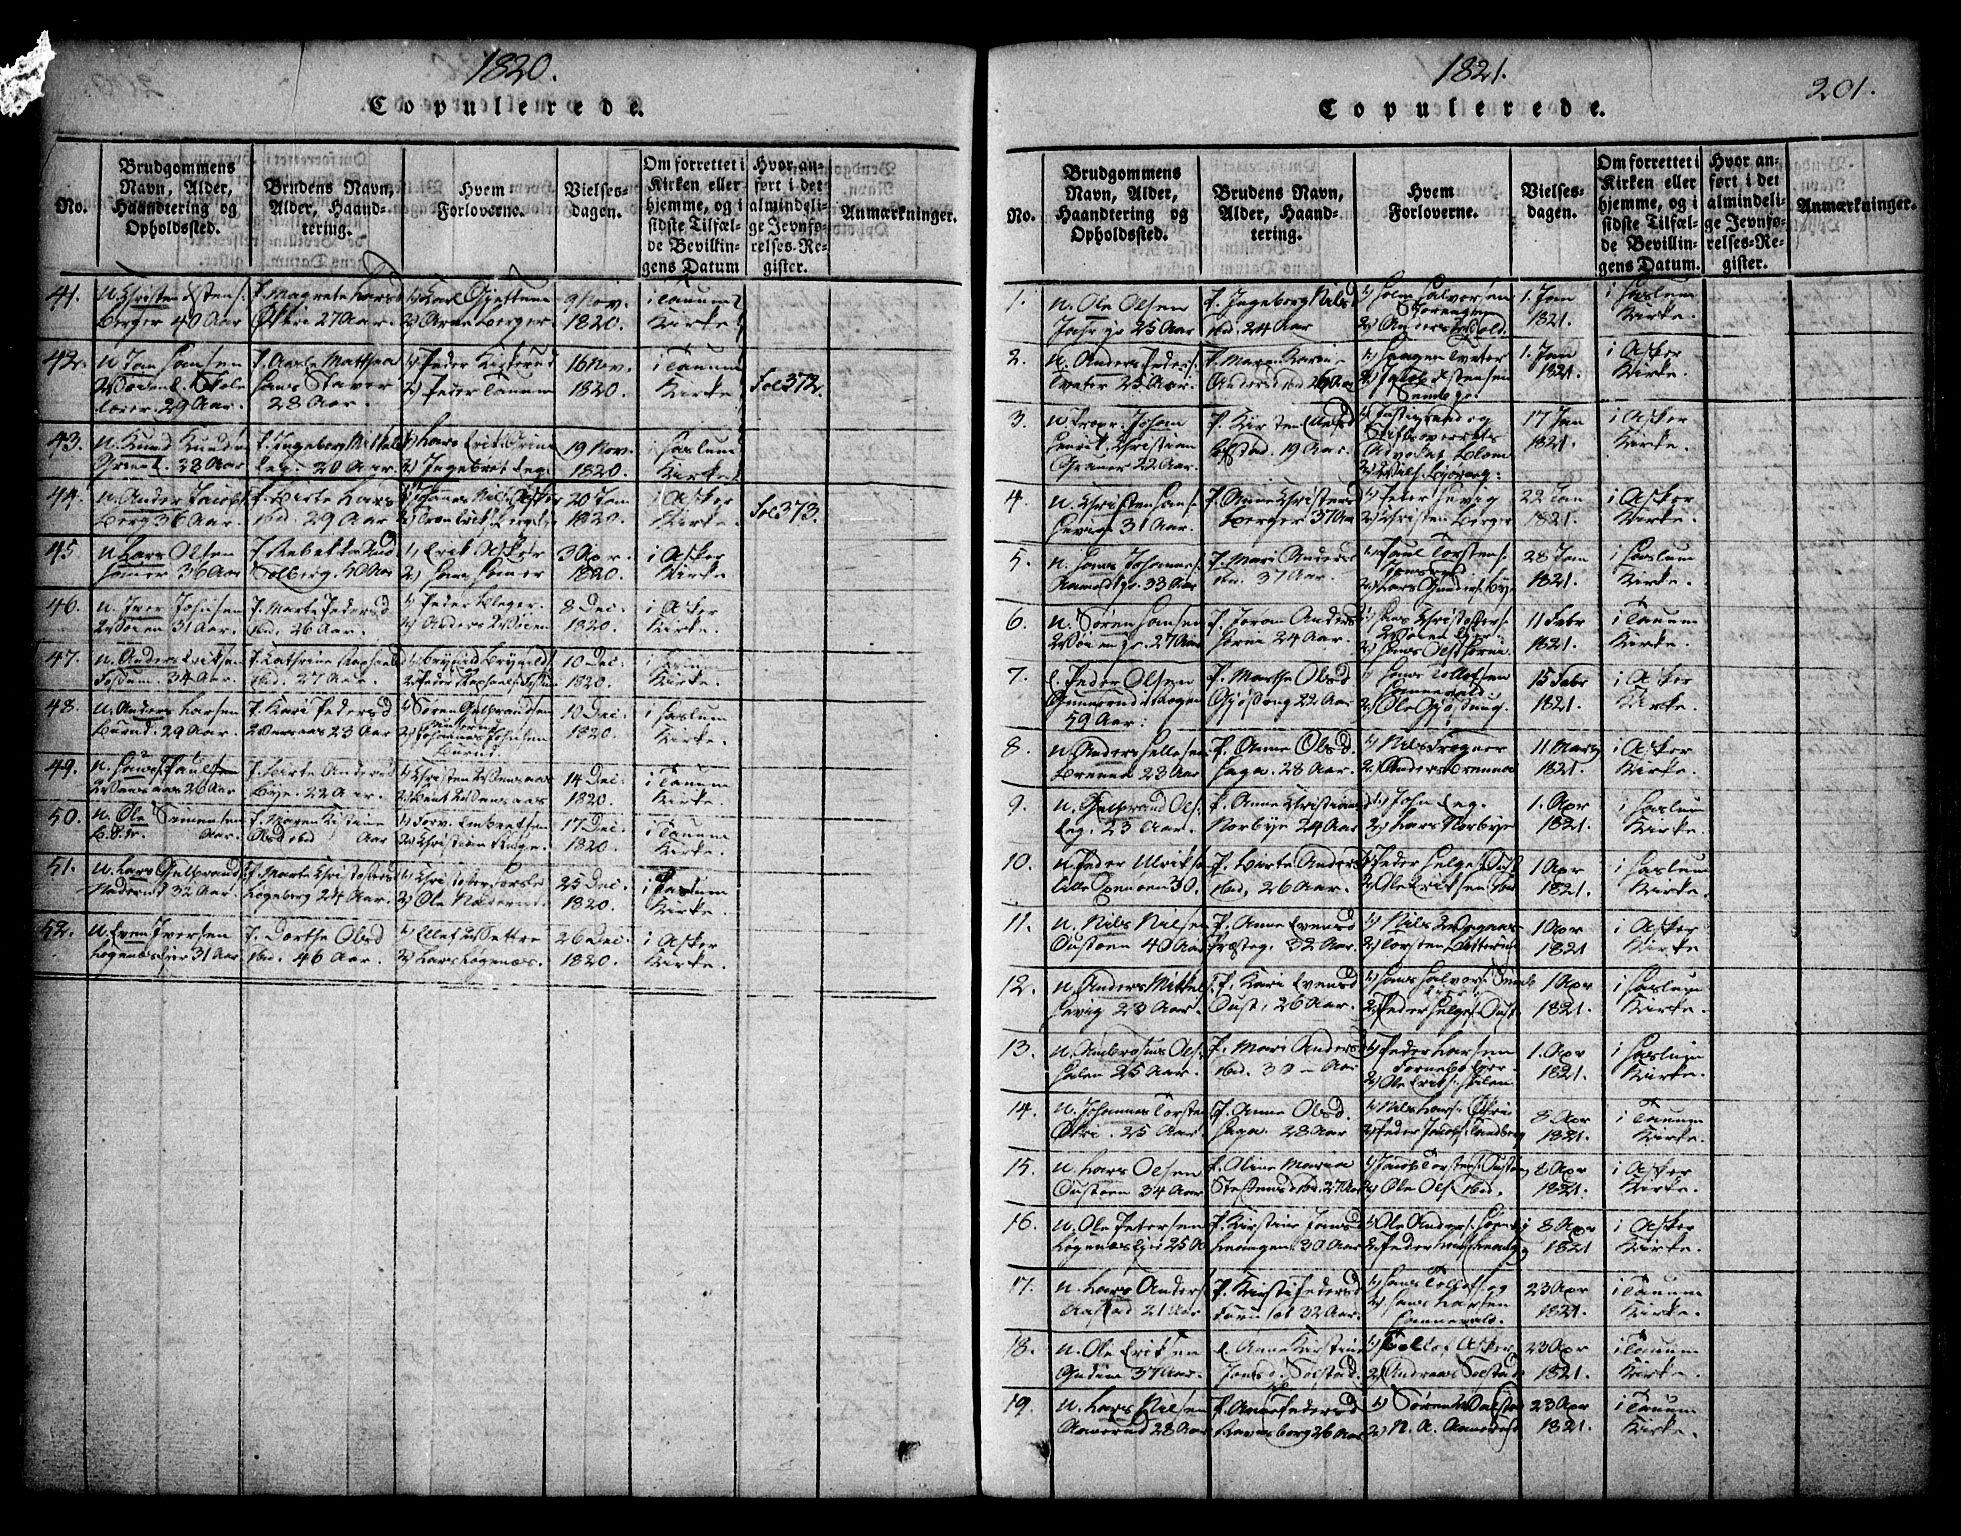 SAO, Asker prestekontor Kirkebøker, F/Fa/L0006: Ministerialbok nr. I 6, 1814-1824, s. 201